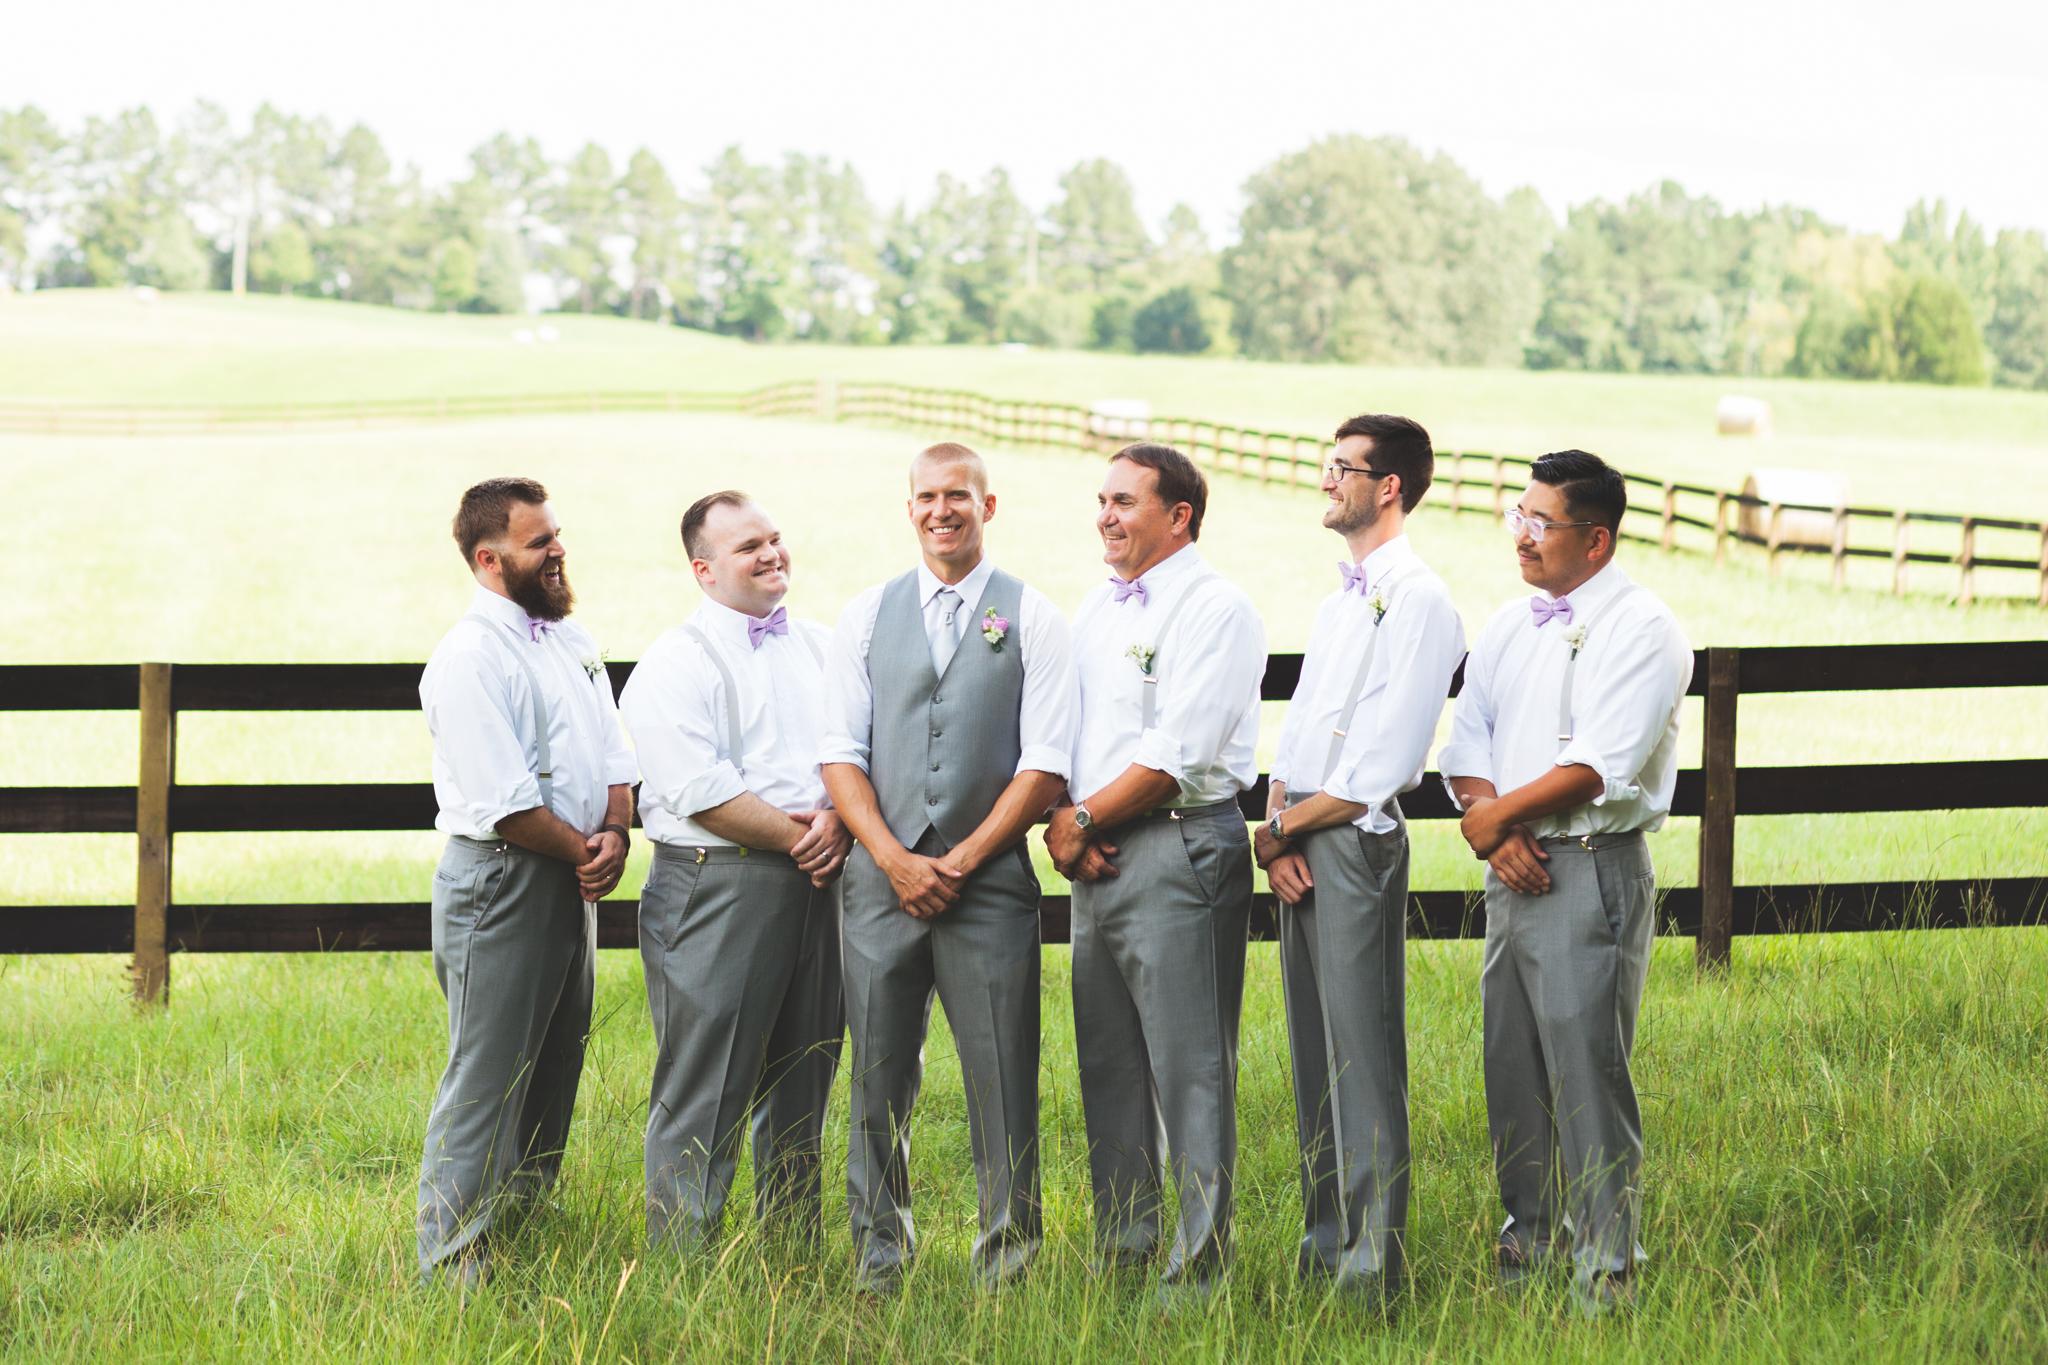 Wedding_Kyle&TaylorGilseth_Blog-9.jpg